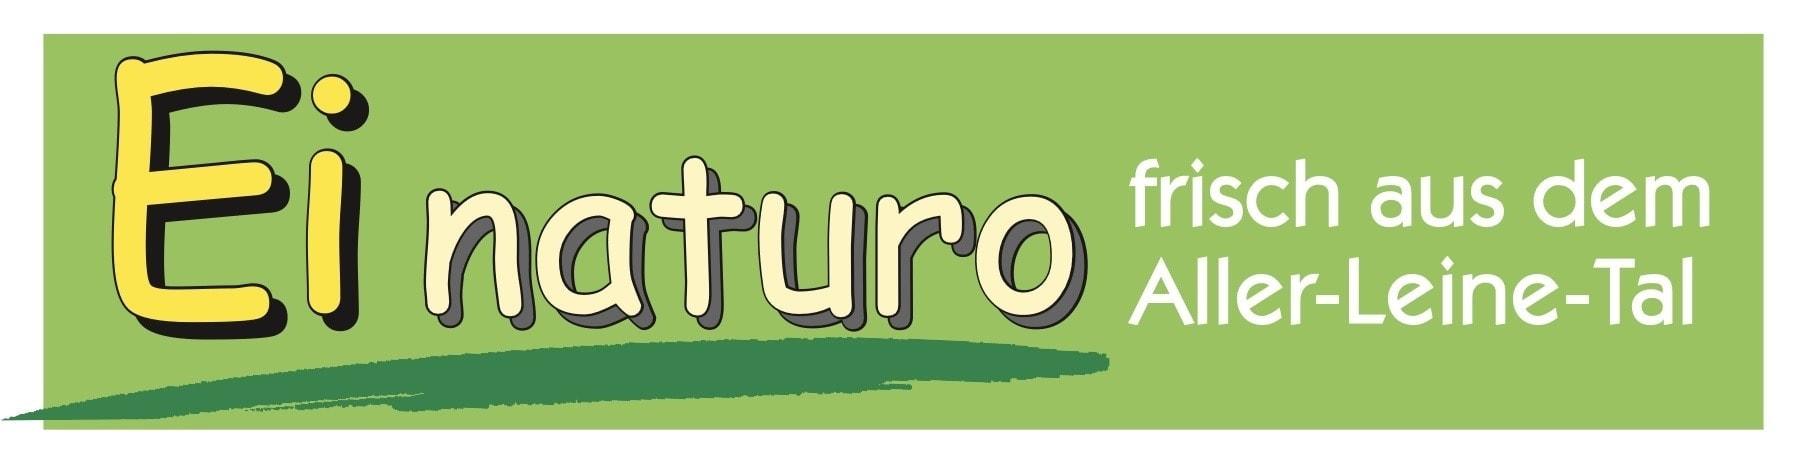 """Grafische Umsetzung des Slogans: """"frisch aus dem Aller-Leine-Tal"""" und des Markennamens: Ei naturo"""